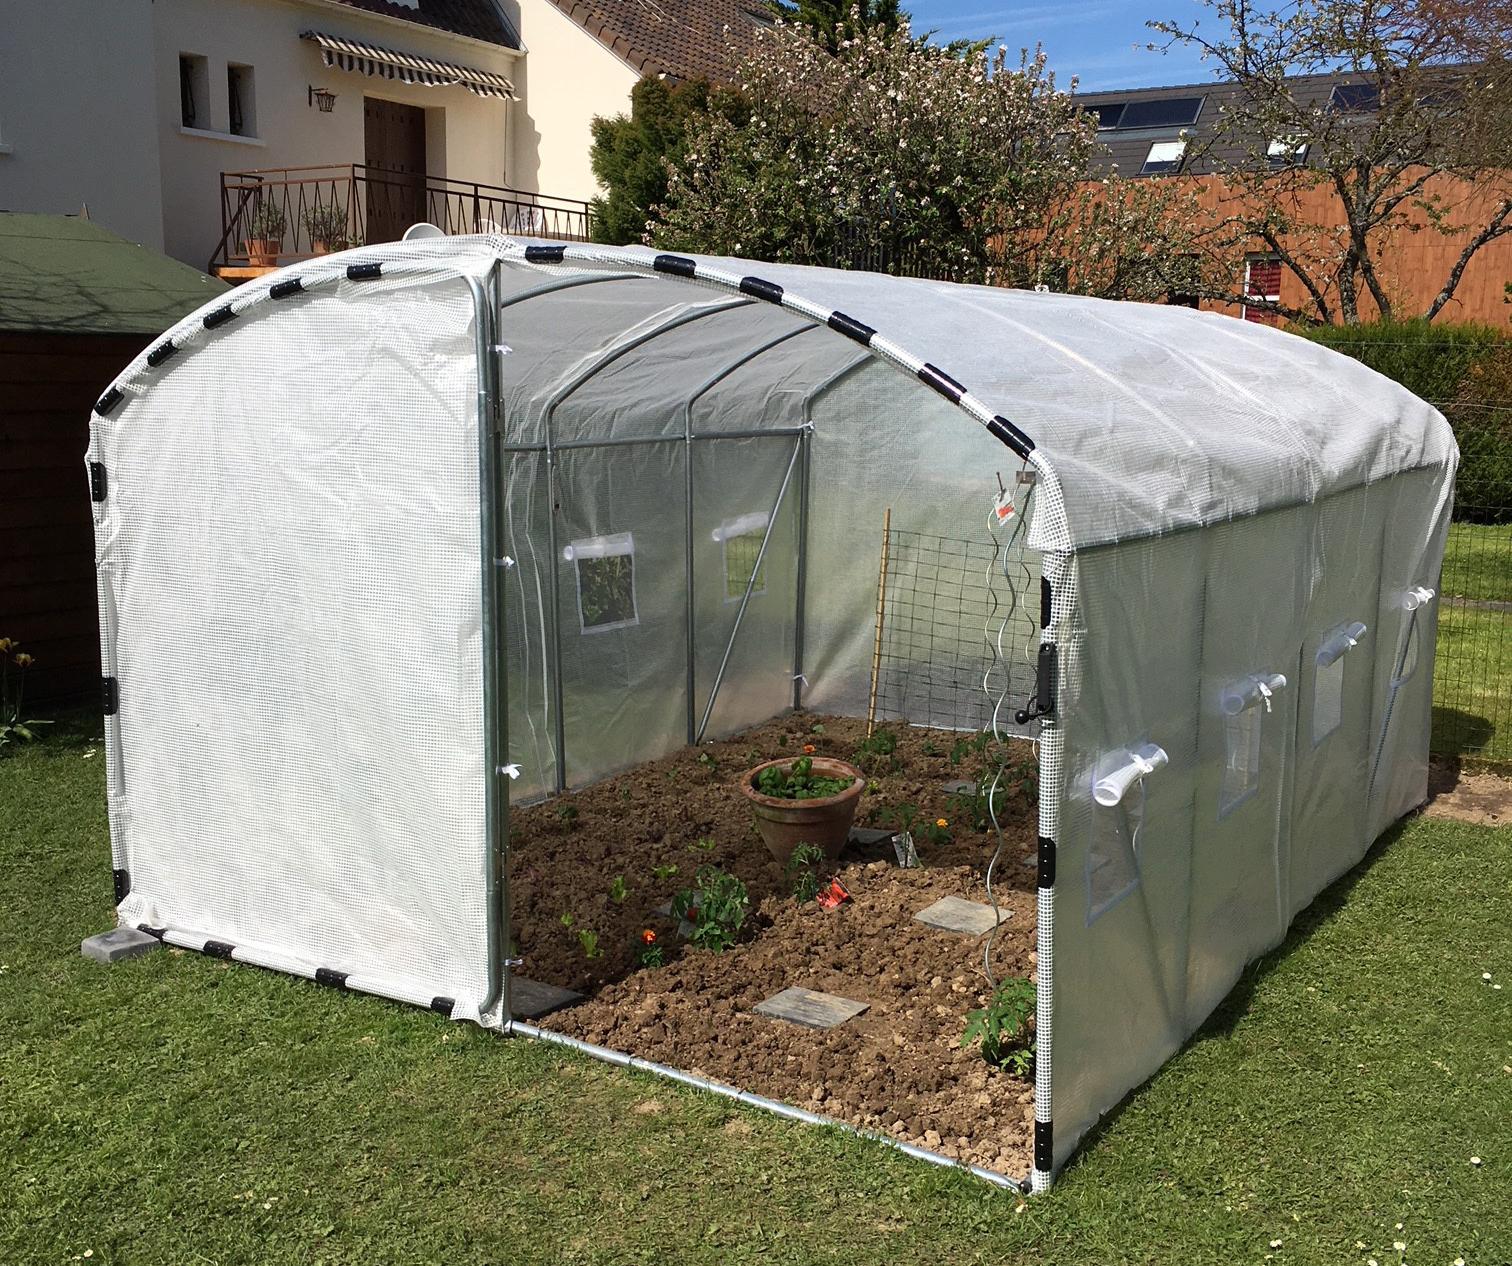 Quelle Bâche Choisir Pour Sa Serre De Jardin ? - France Serres serapportantà Ma Serre De Jardin